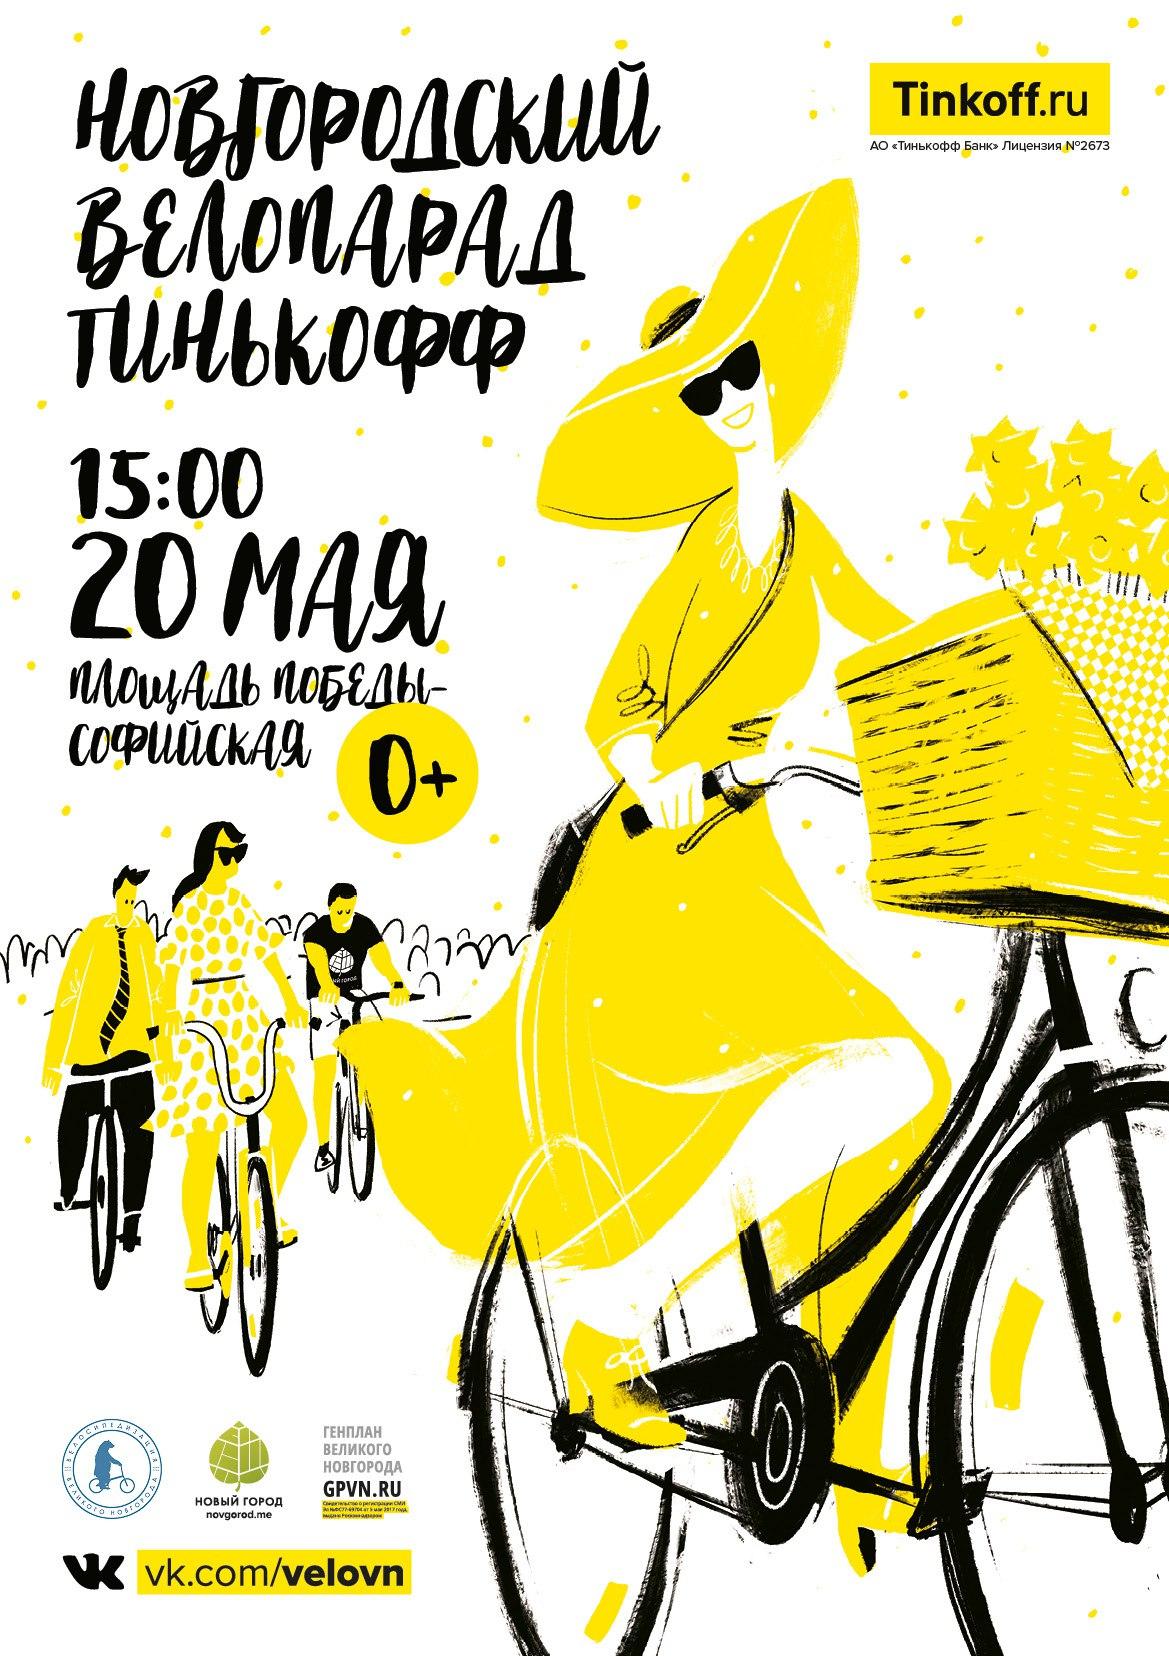 Новгородский Велопарад Тинькофф